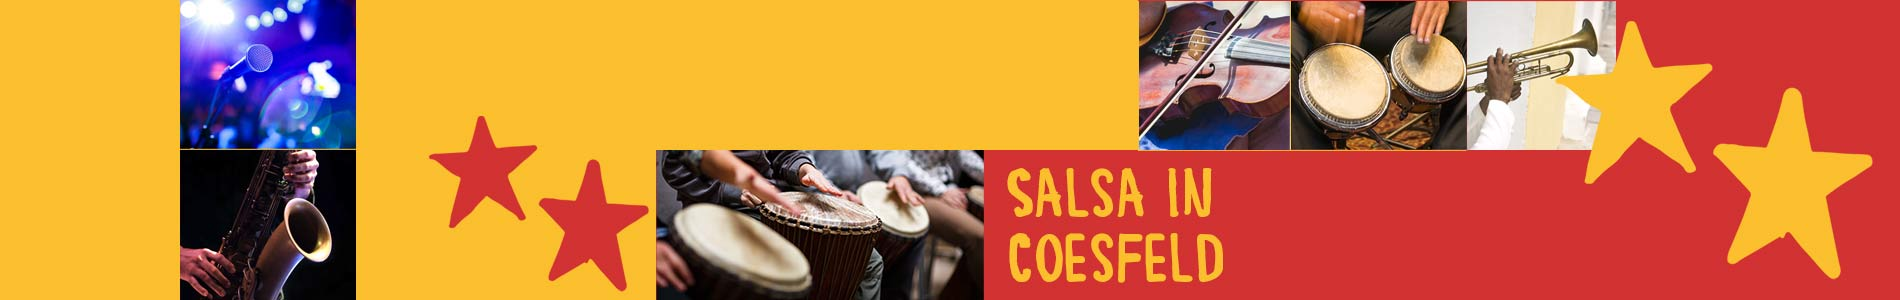 Salsa in Coesfeld – Salsa lernen und tanzen, Tanzkurse, Partys, Veranstaltungen